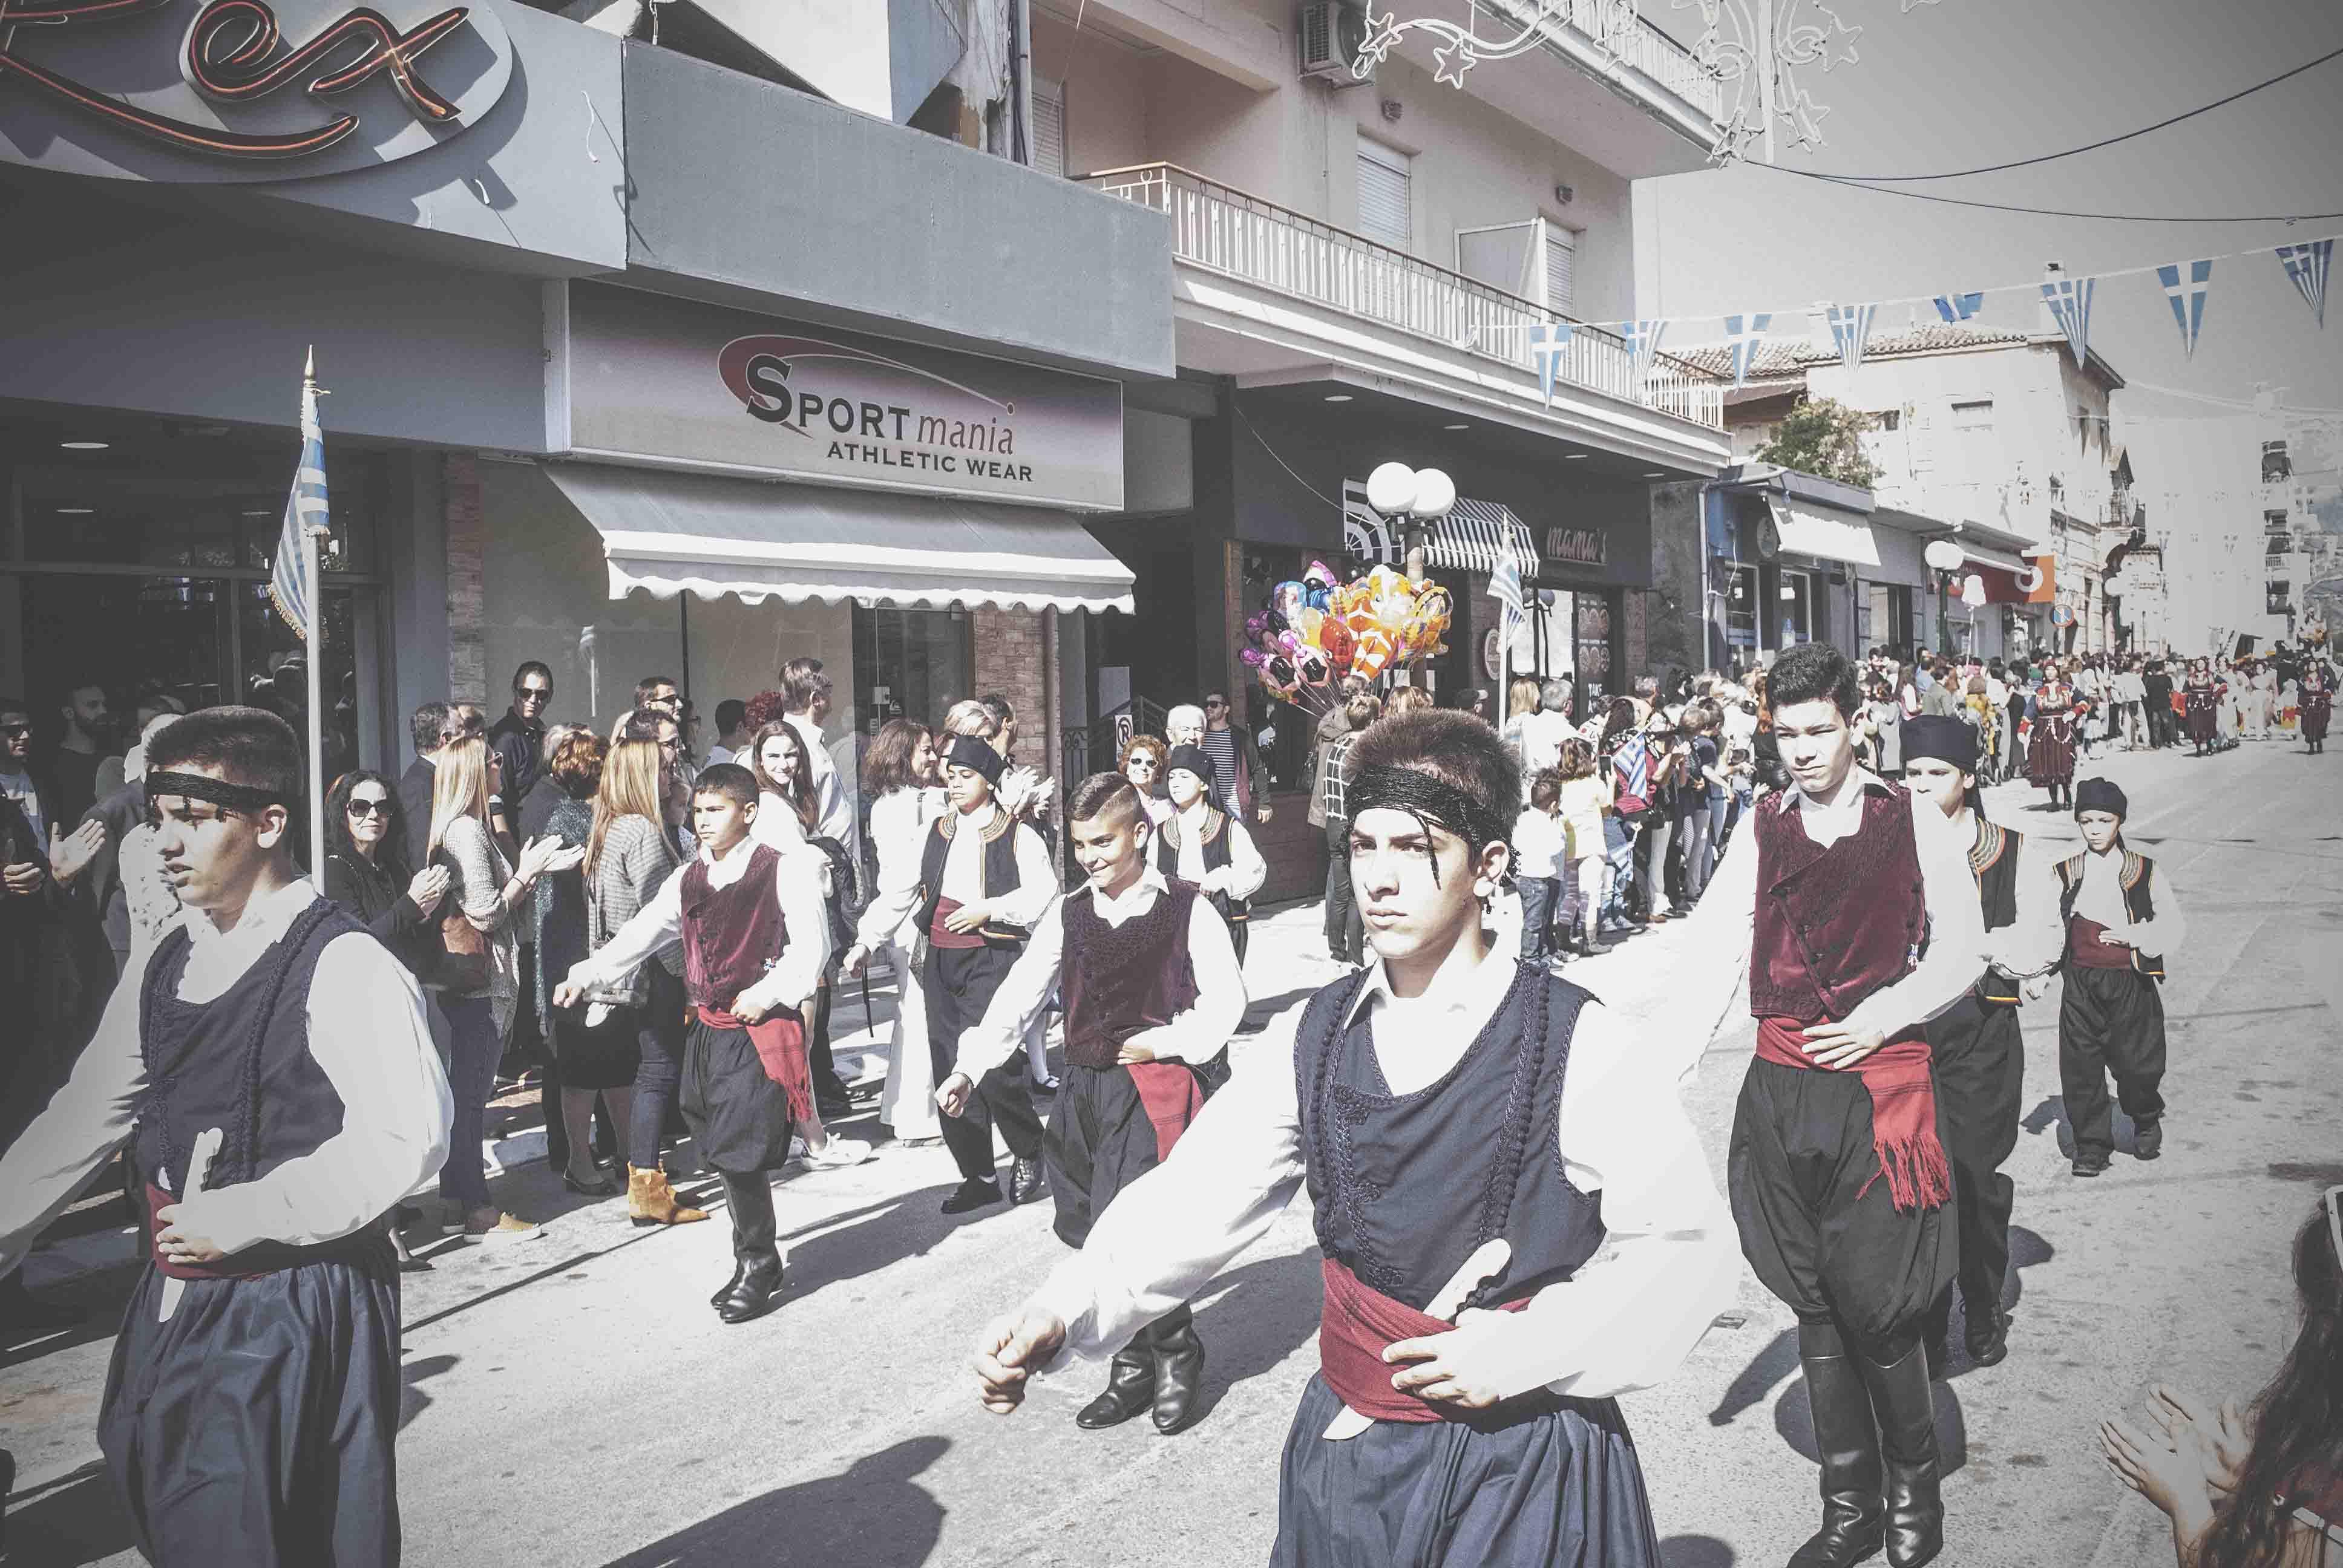 Φωτογραφικό υλικό από την παρέλαση στα Ψαχνά Φωτογραφικό υλικό από την παρέλαση στα Ψαχνά DSC 0326